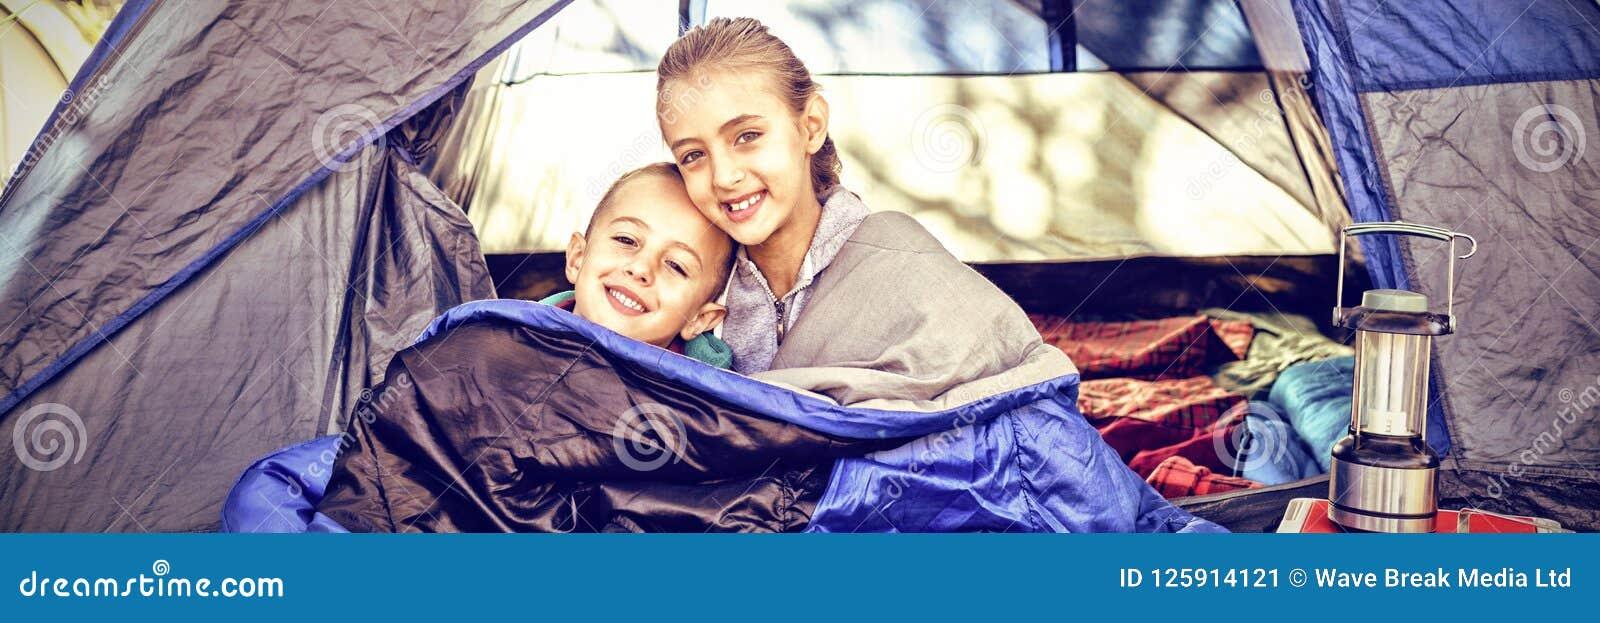 Szczęśliwi rodzeństwa siedzi w namiocie